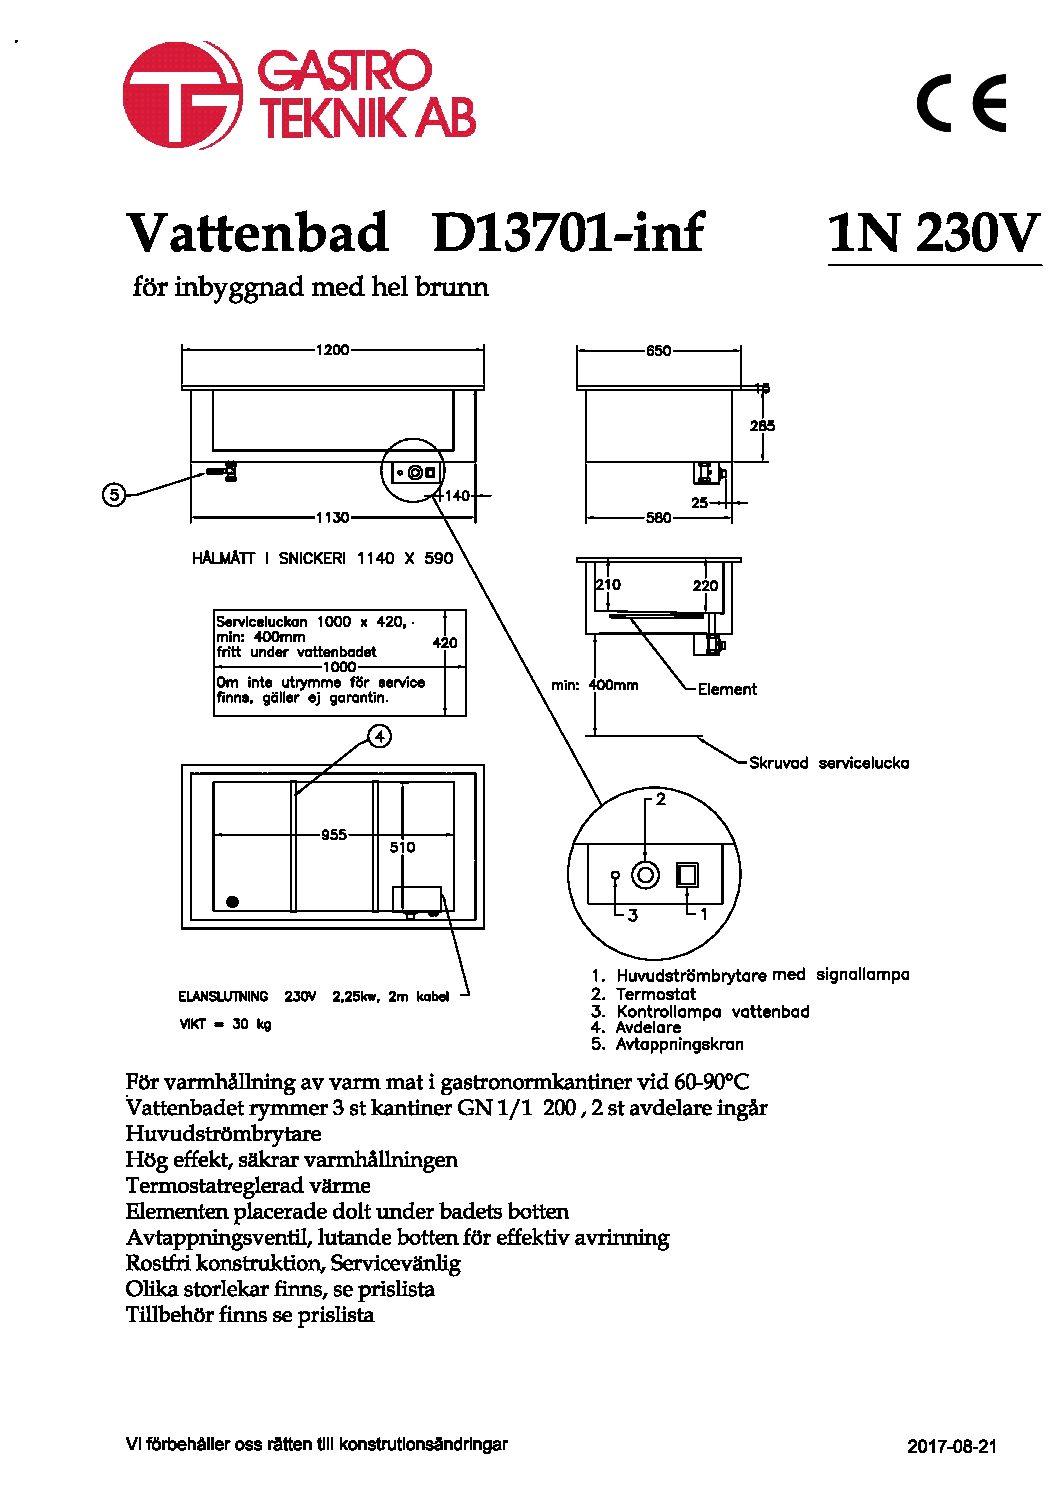 D13701-inf